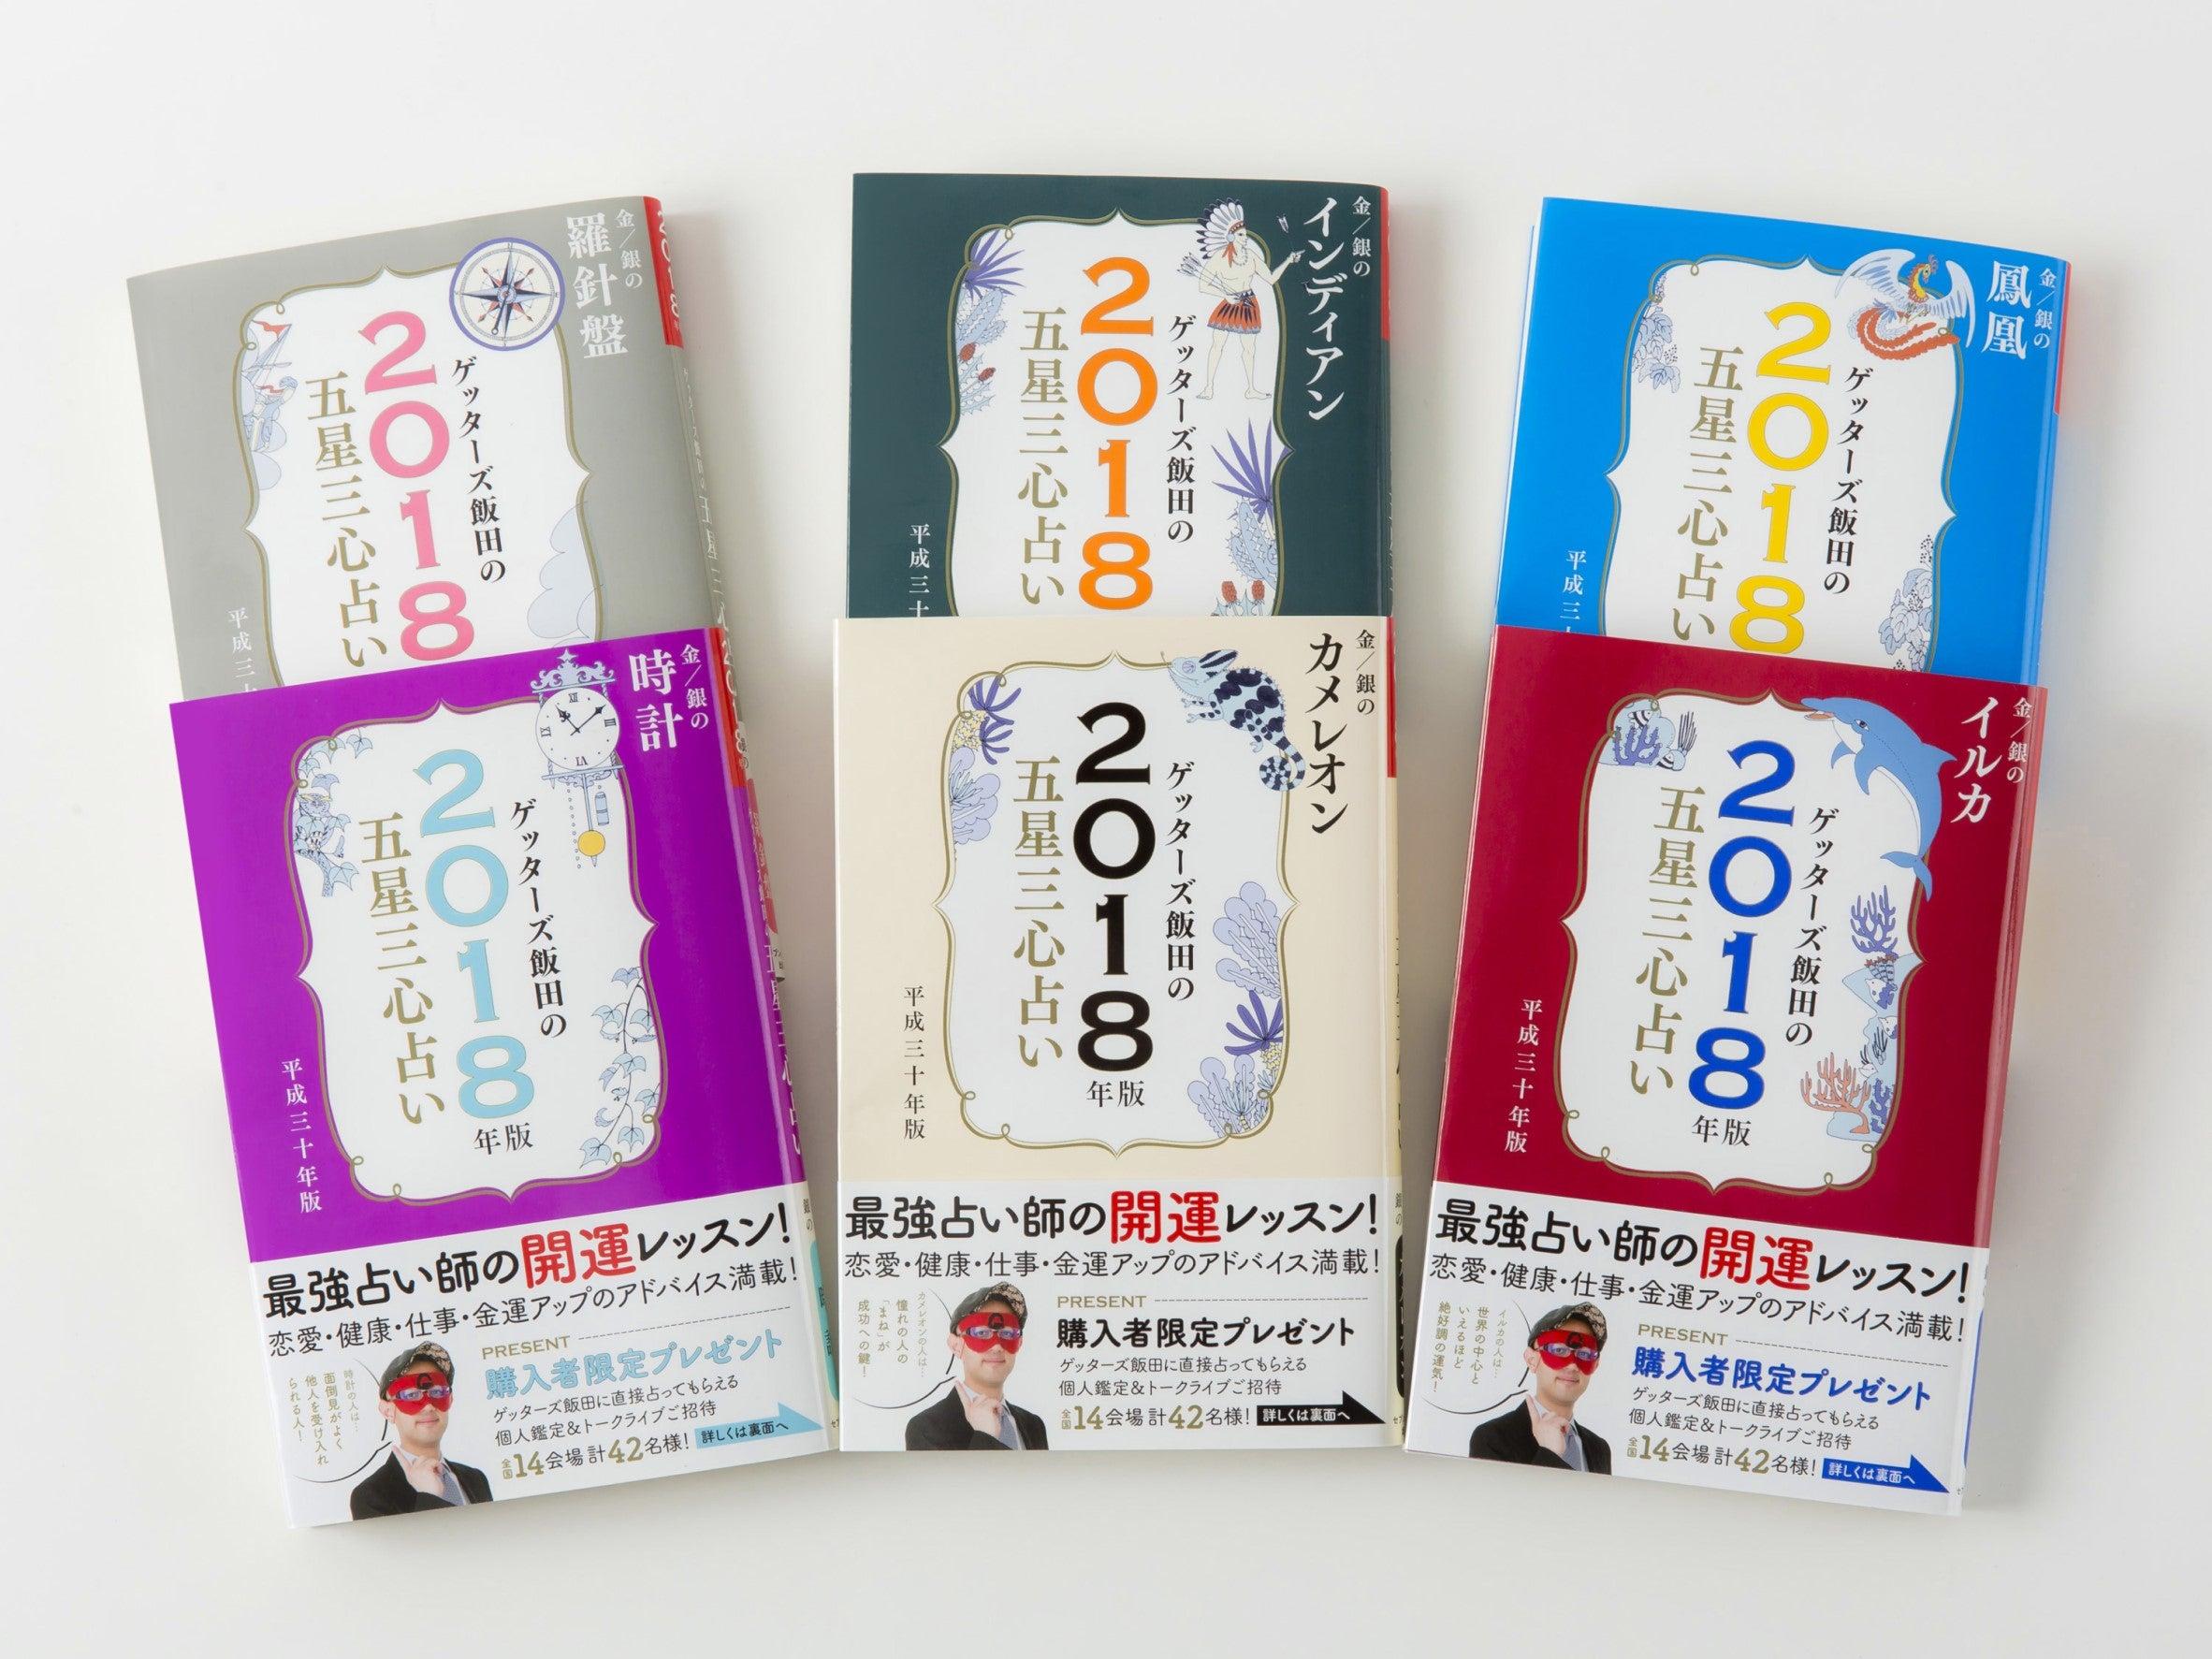 ゲッターズ 飯田 ブログ